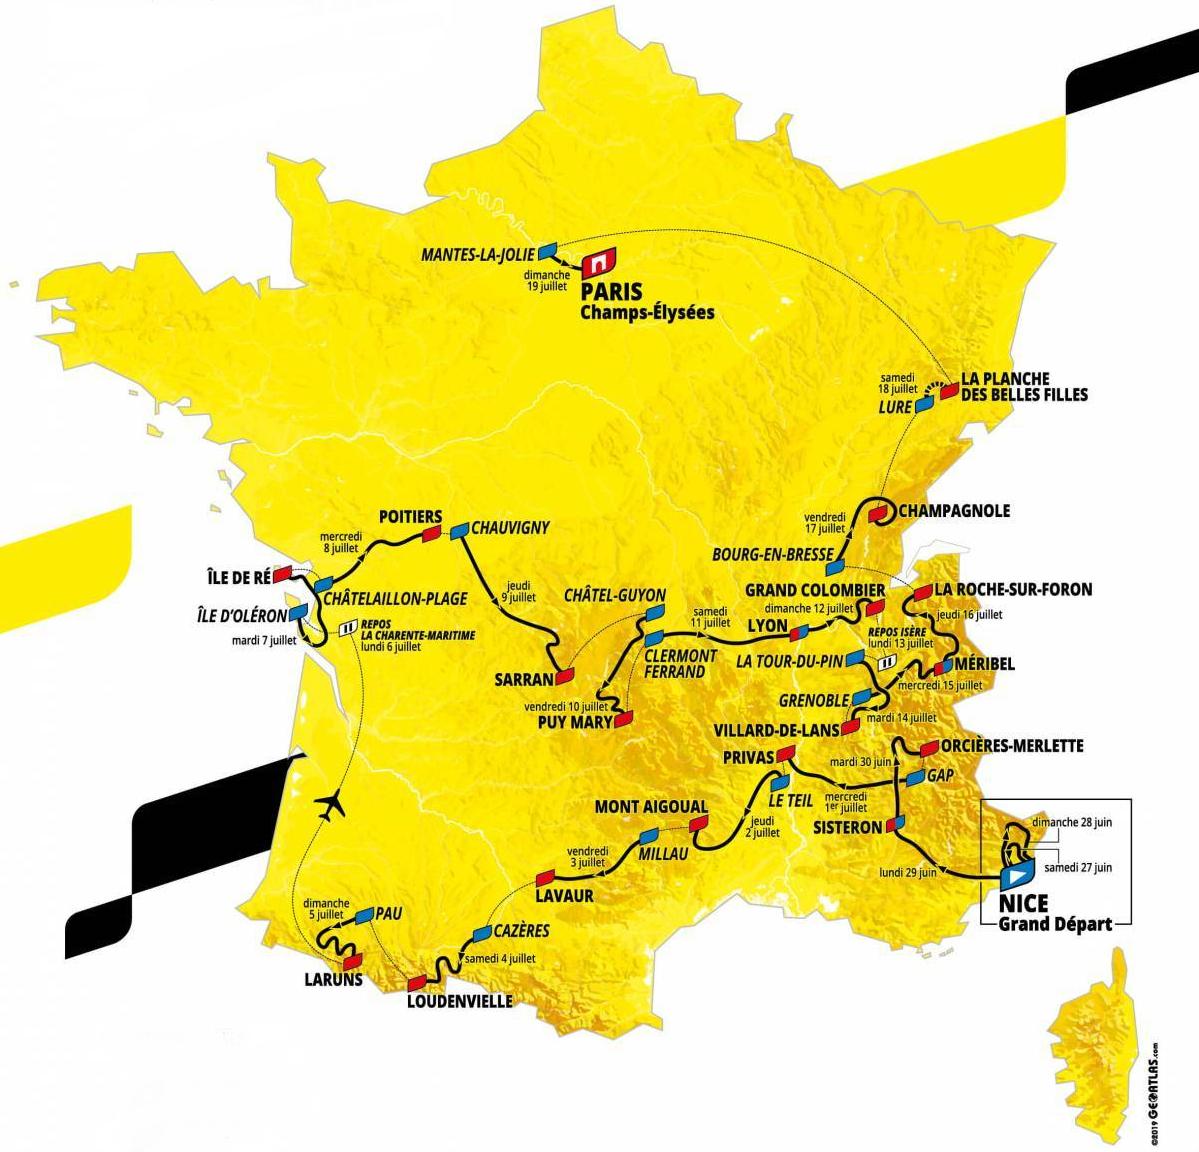 Tour De France 2020 - Parcours Détaillé Carte Profil Villes encequiconcerne Carte Des Villes De France Détaillée